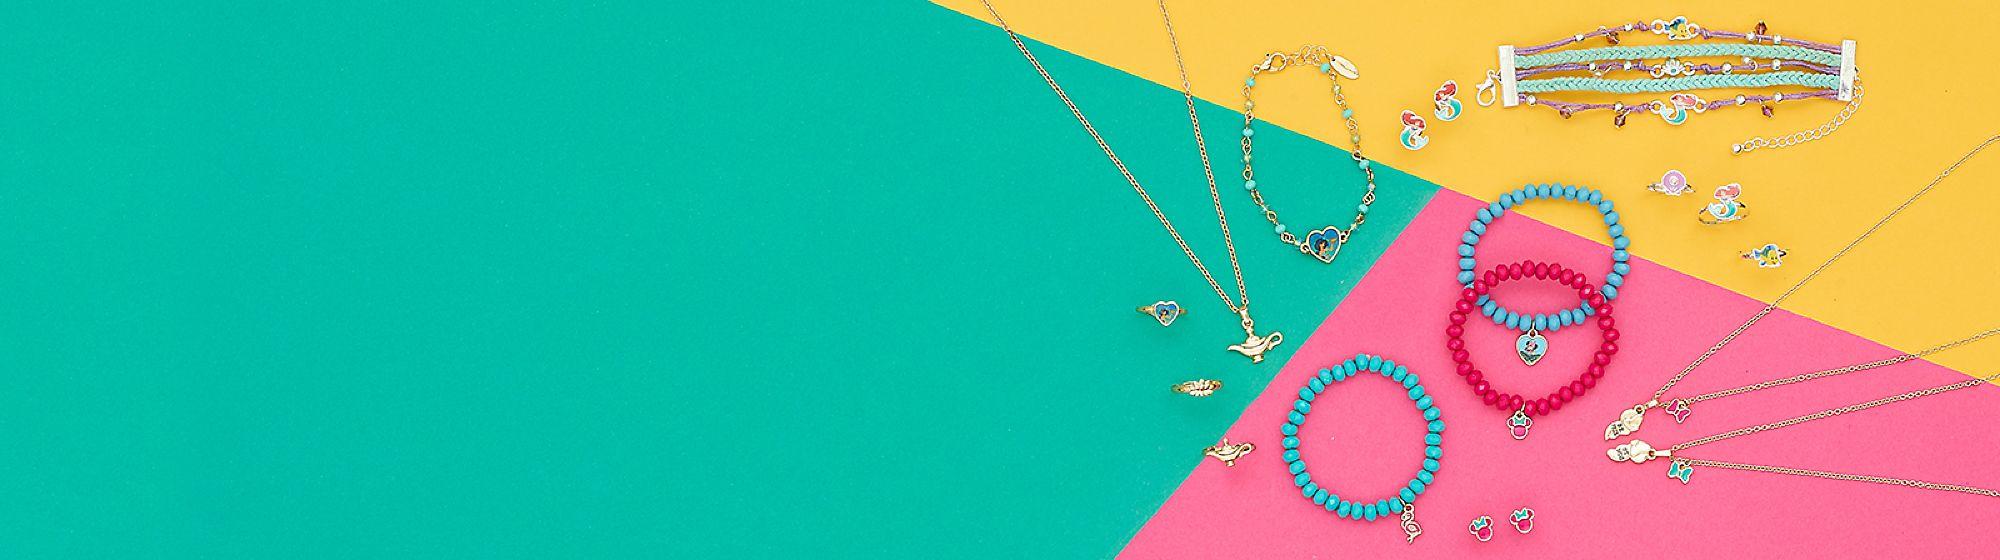 Accesorios para niños Descubre nuestras joyas y accesorios para el pelo inspirados en Minnie Mouse